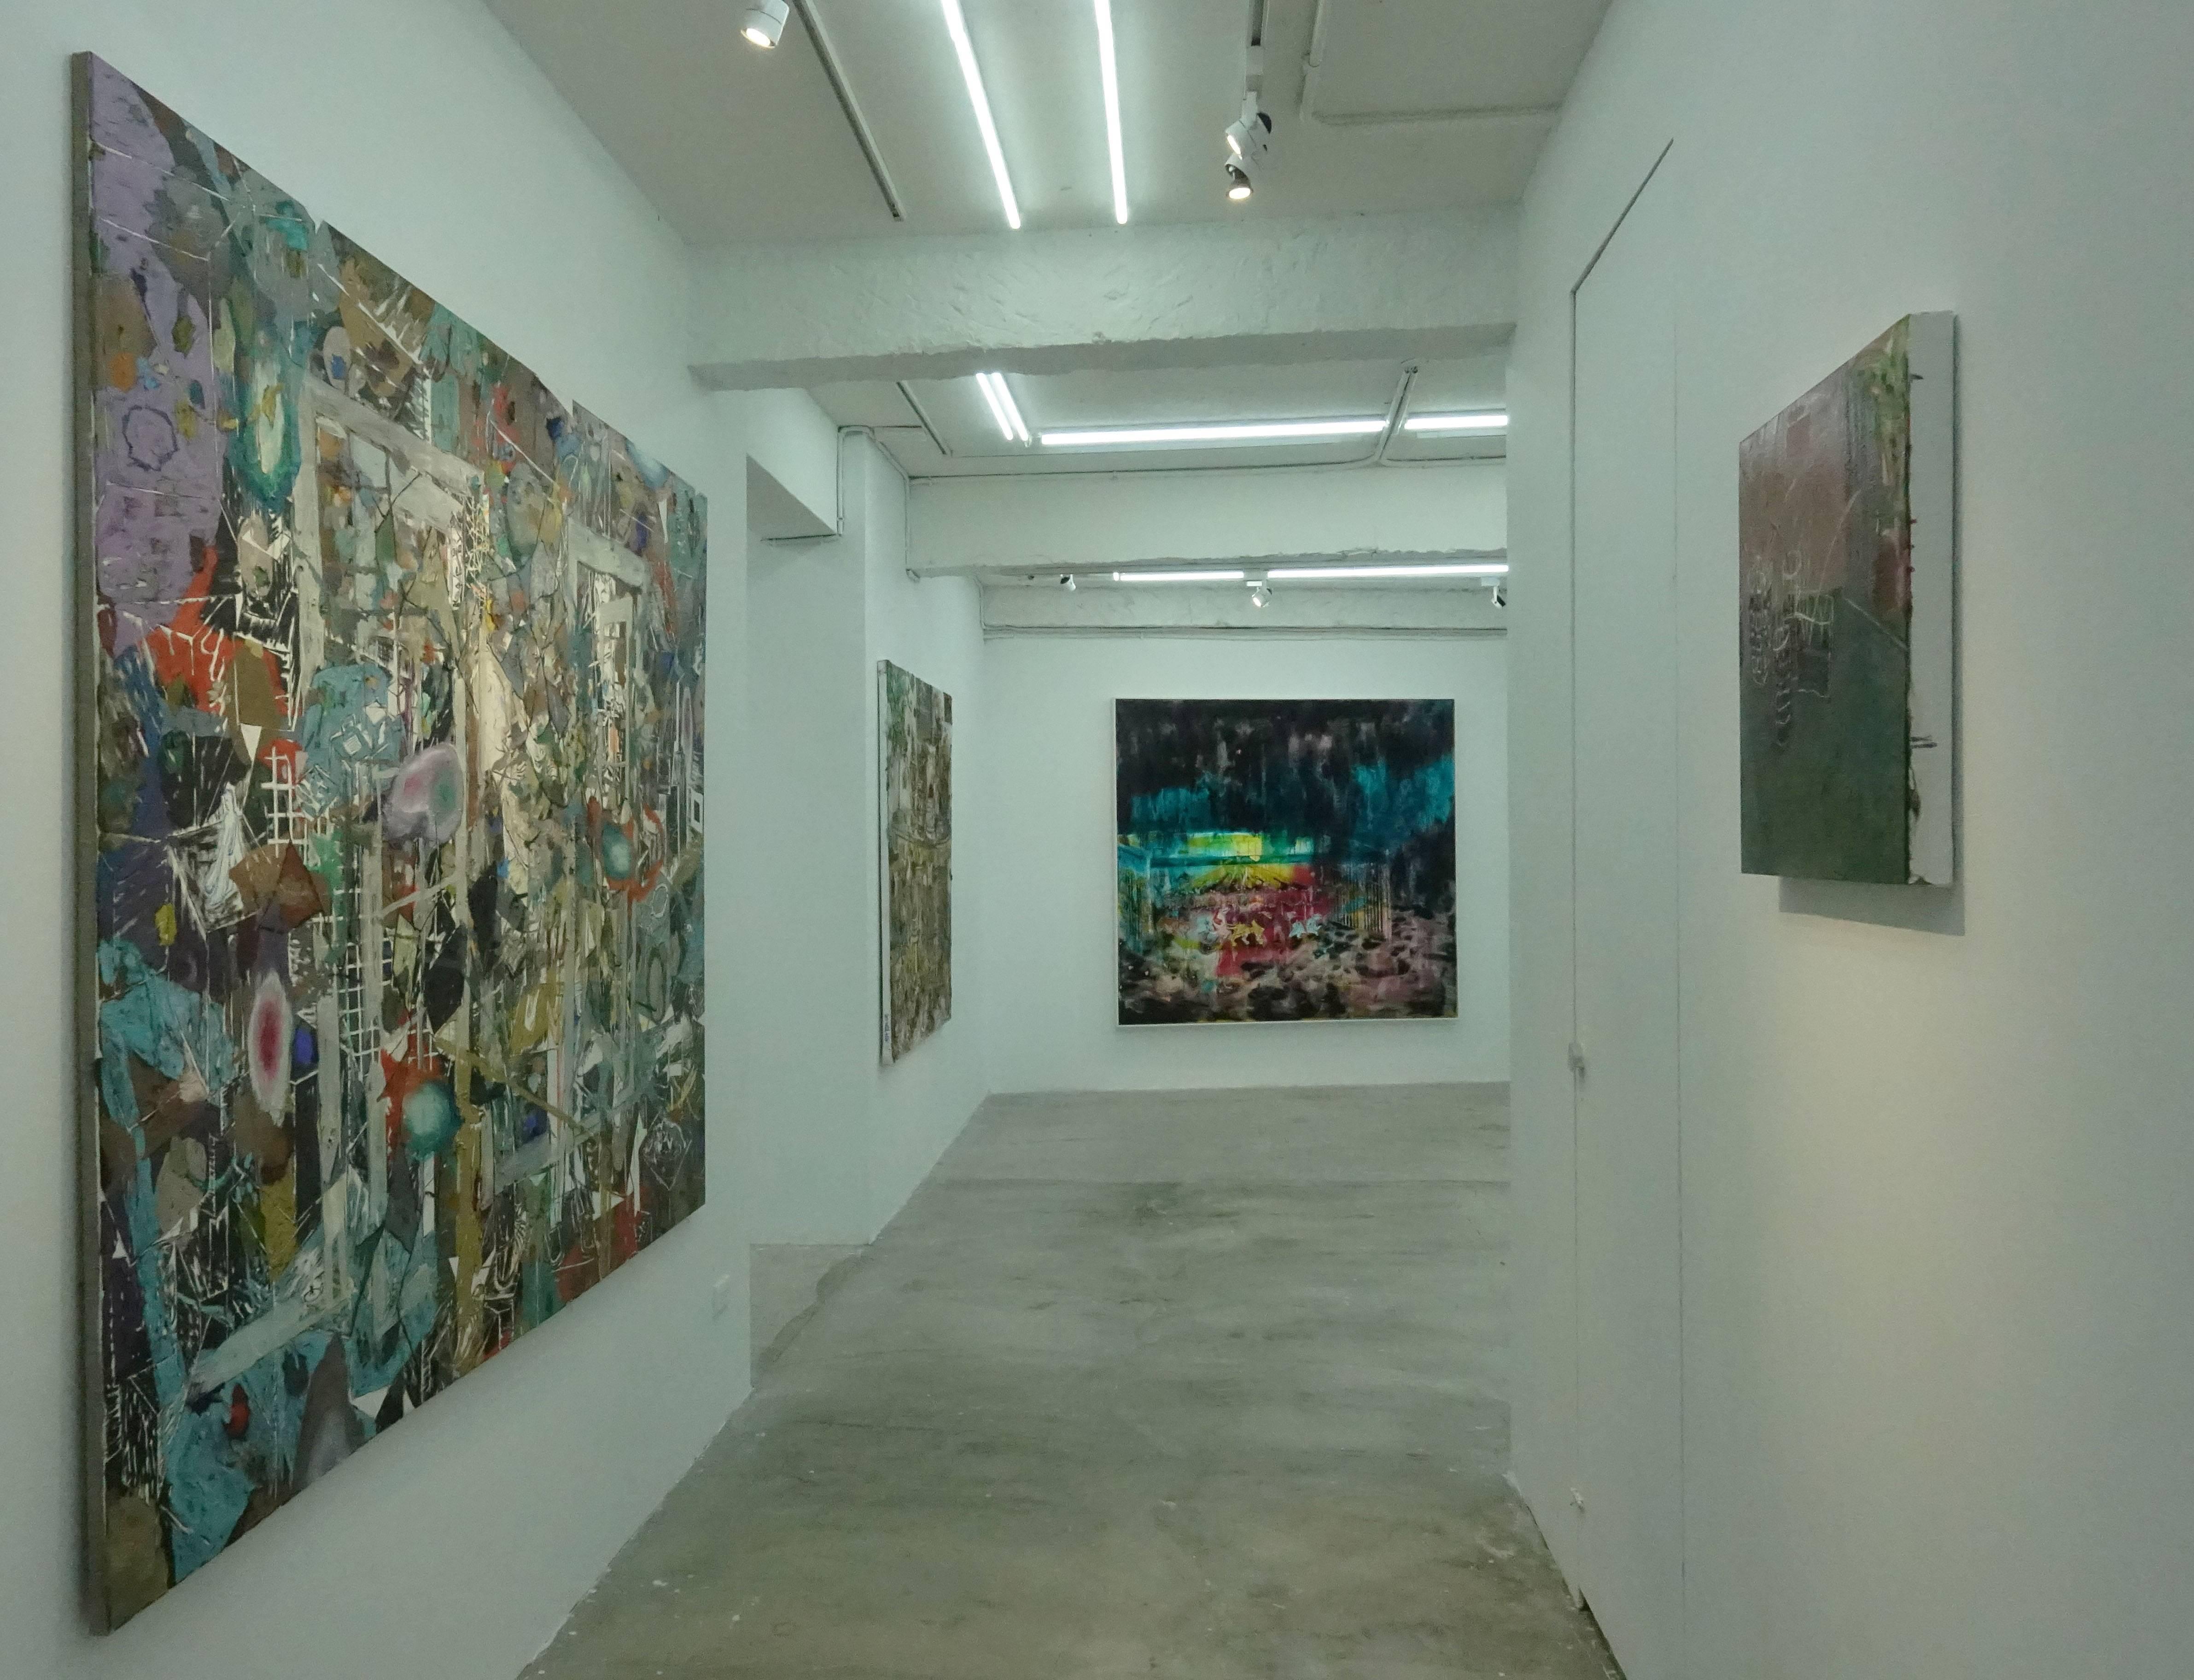 路由藝術《空間中的空間的空間 》現場展出空間一隅。